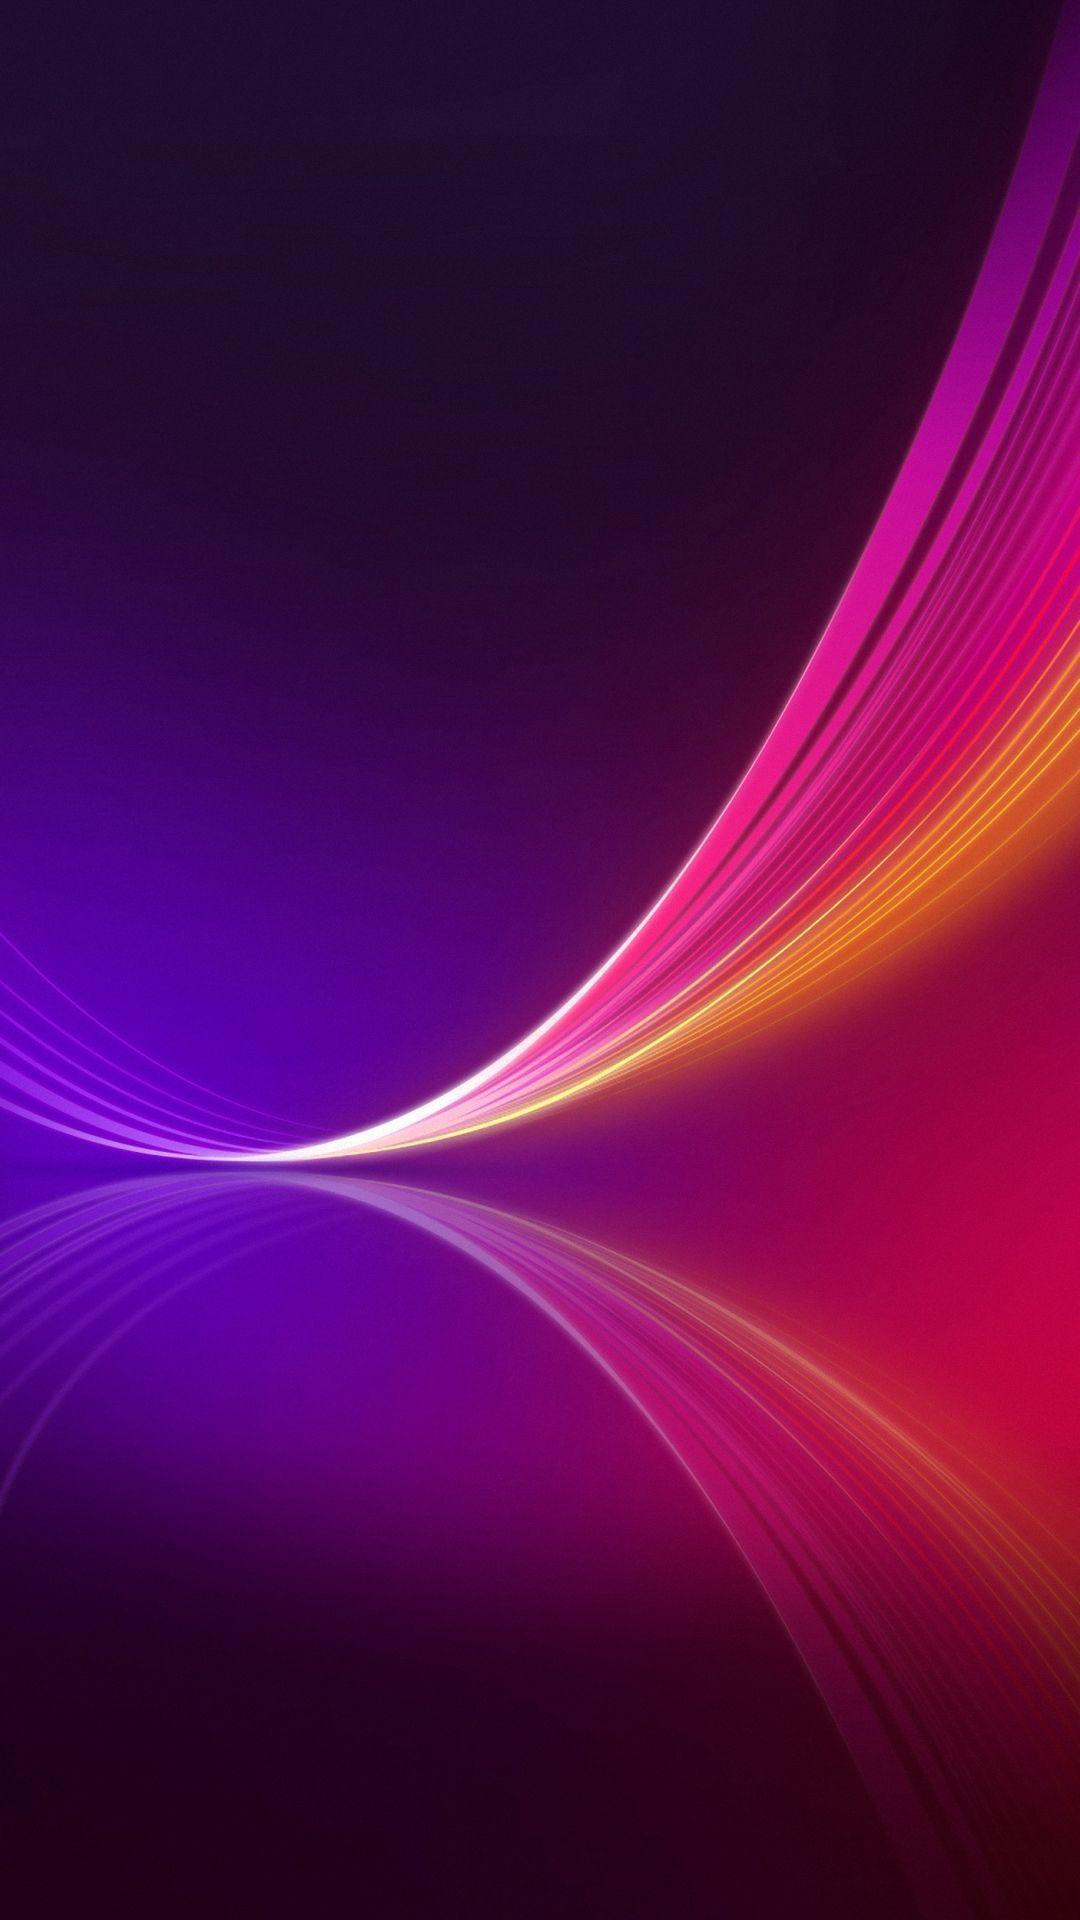 Hình nền điện thoại 1080x1920 1440p # tường giấy